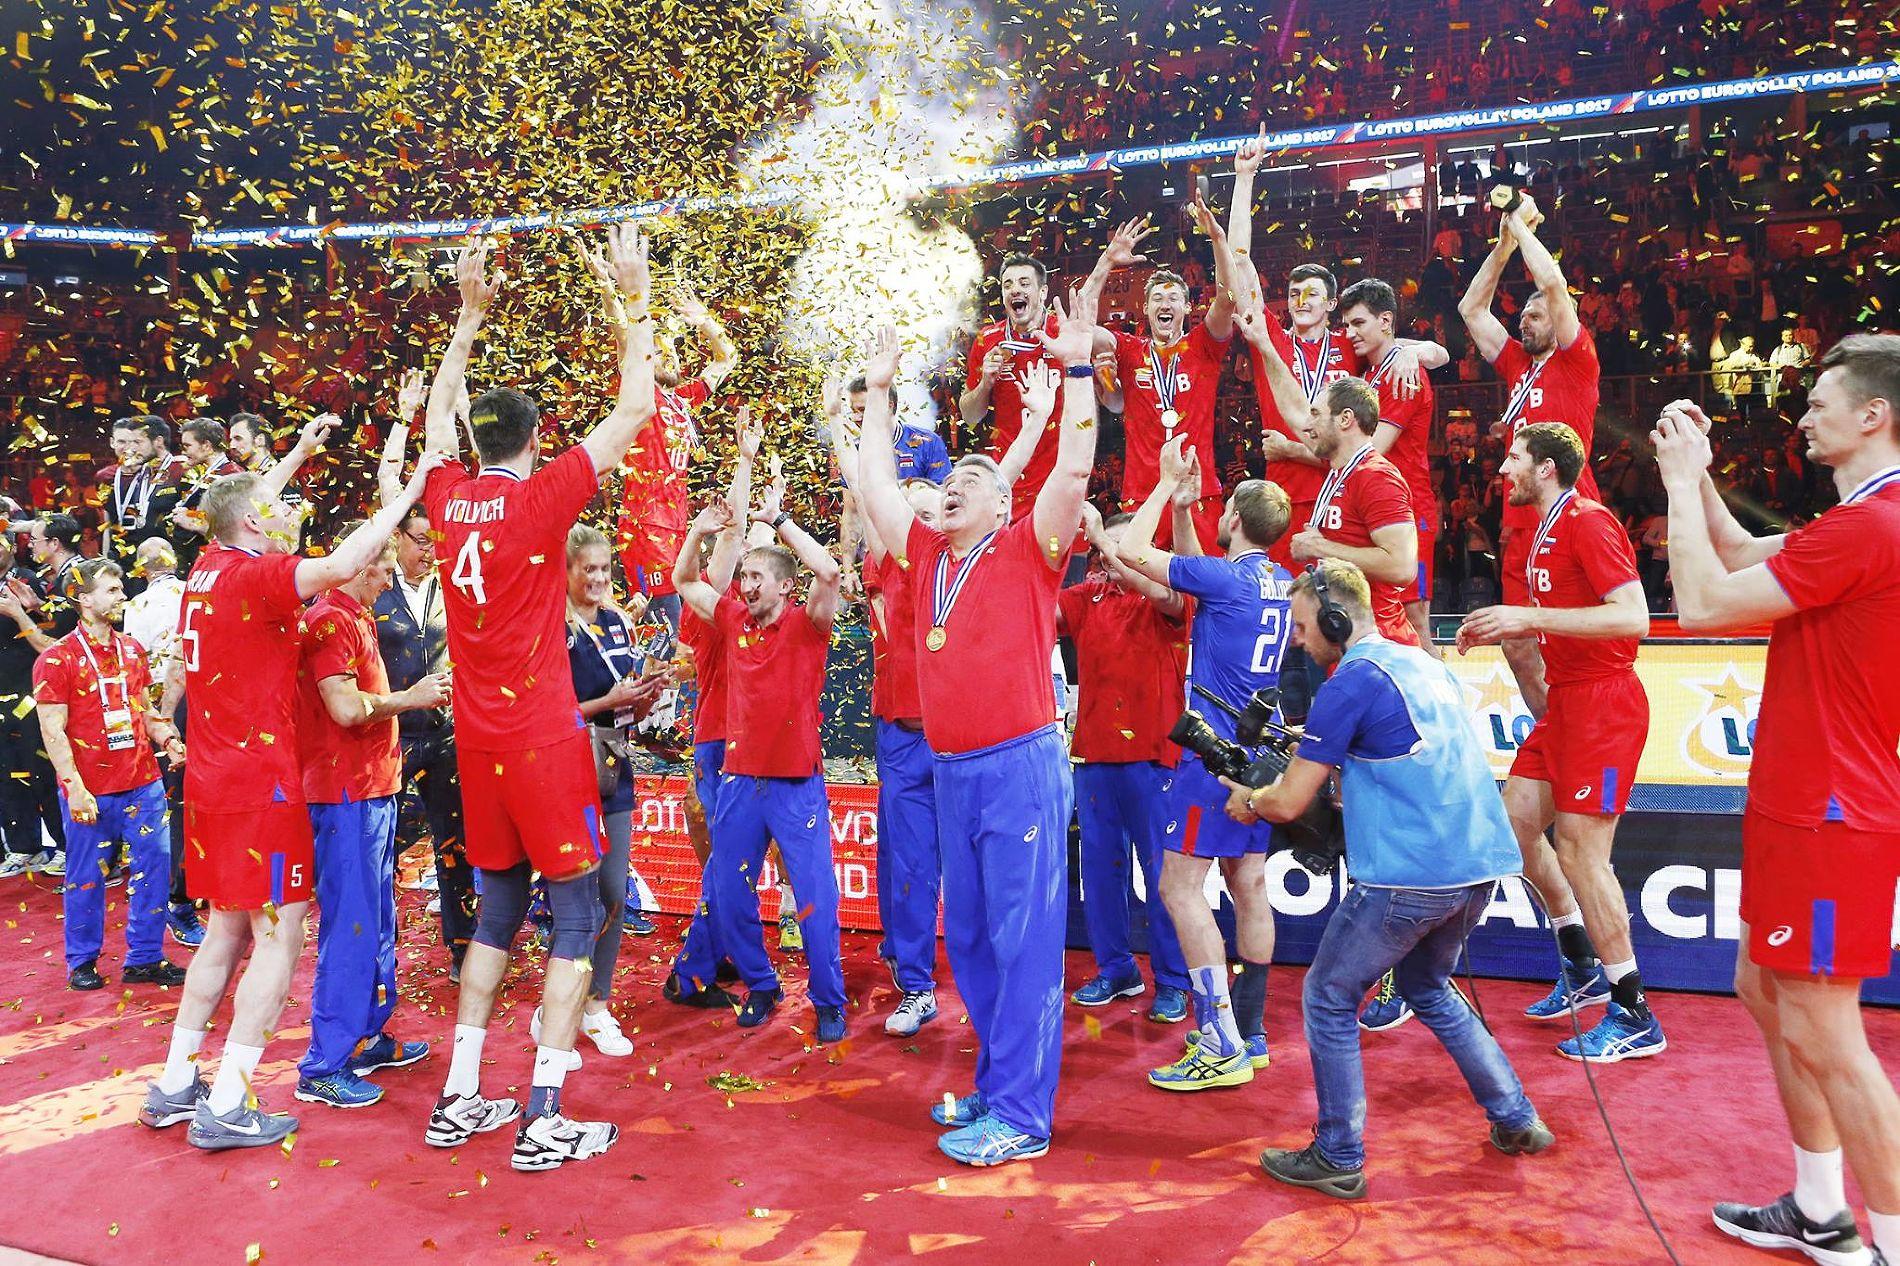 Поздравления волейболисту с победой